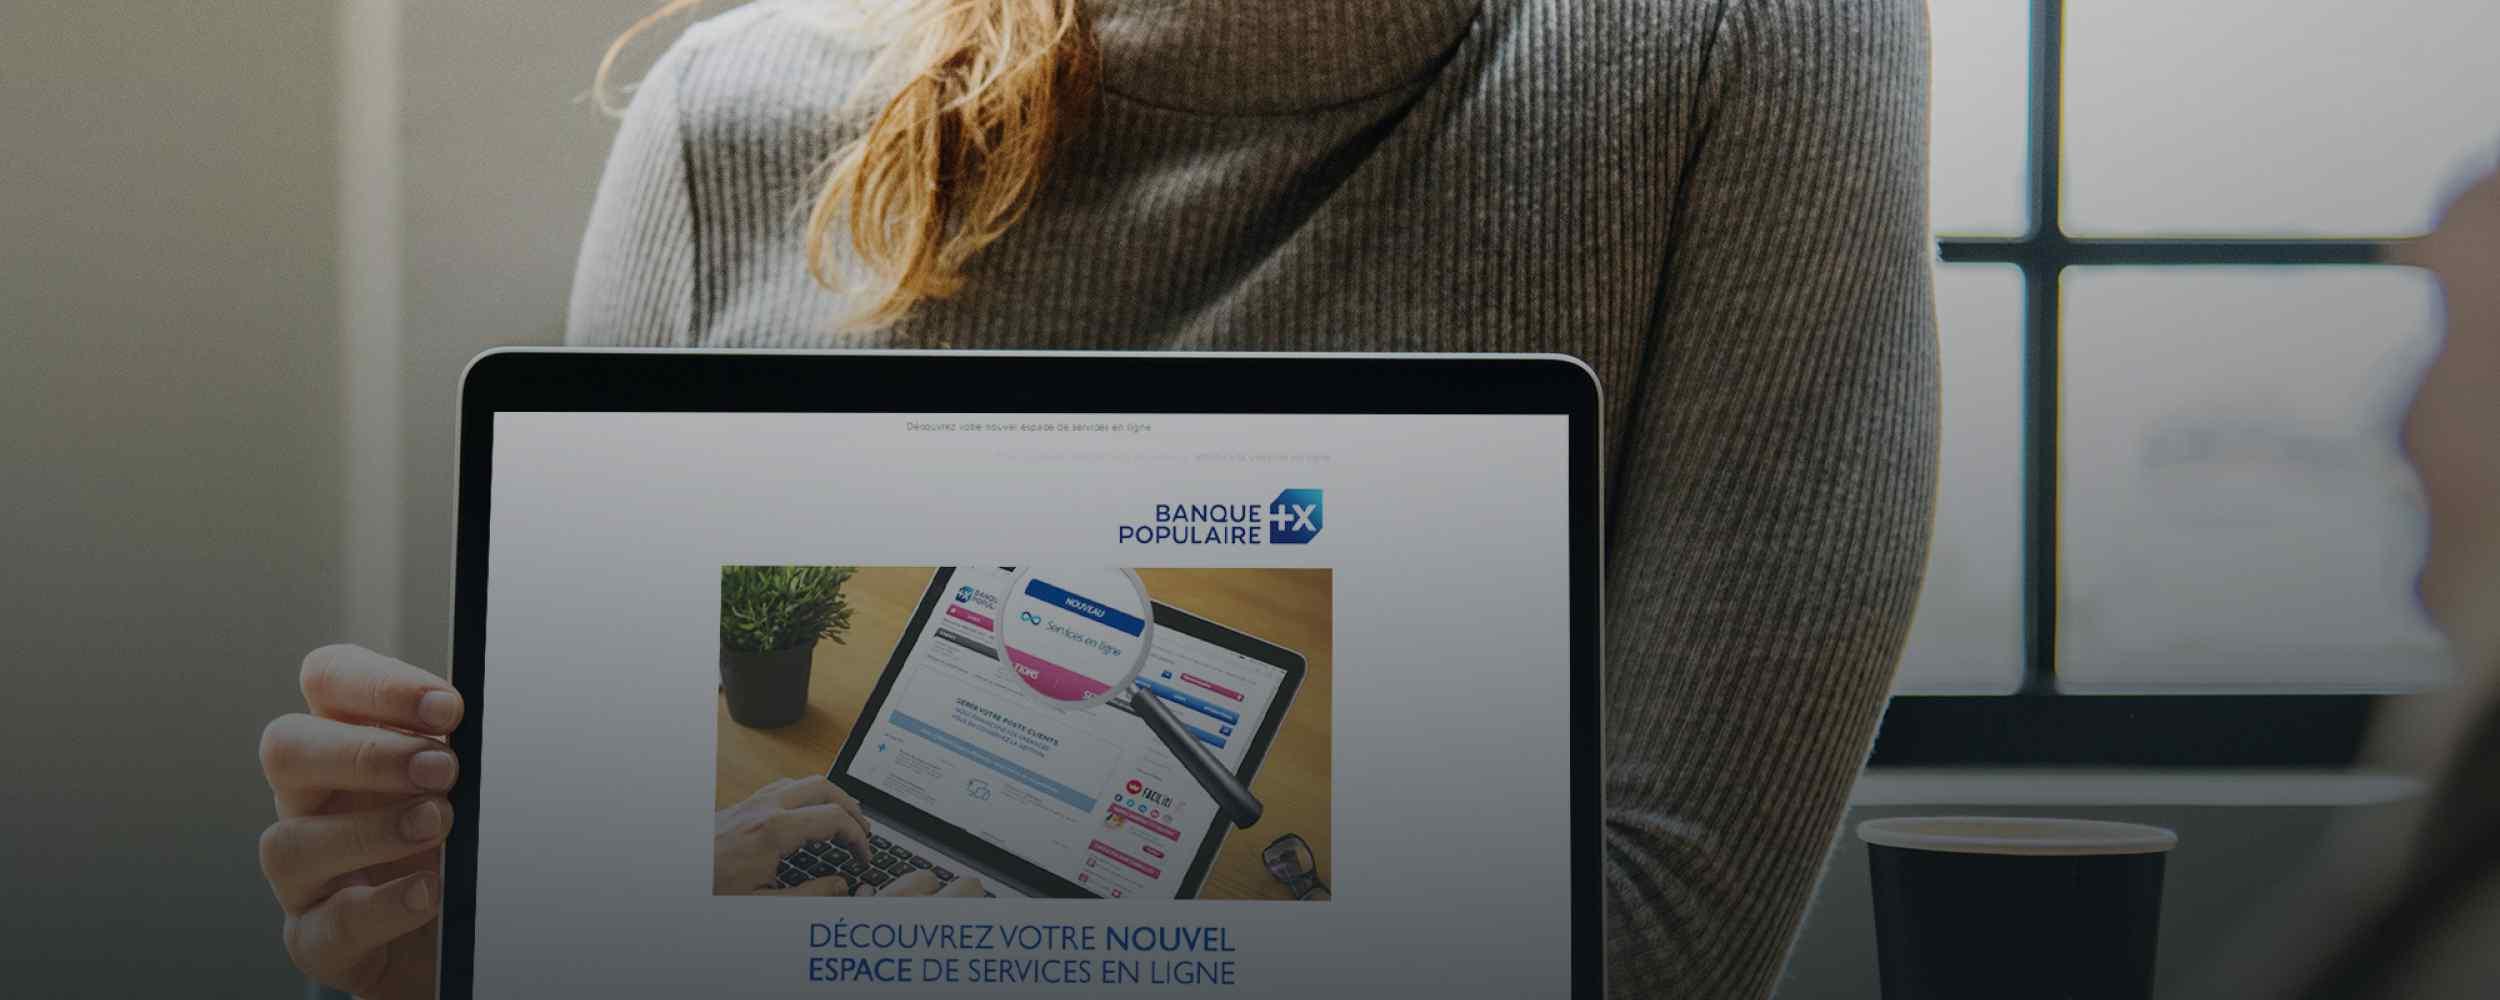 Macbook mockups2